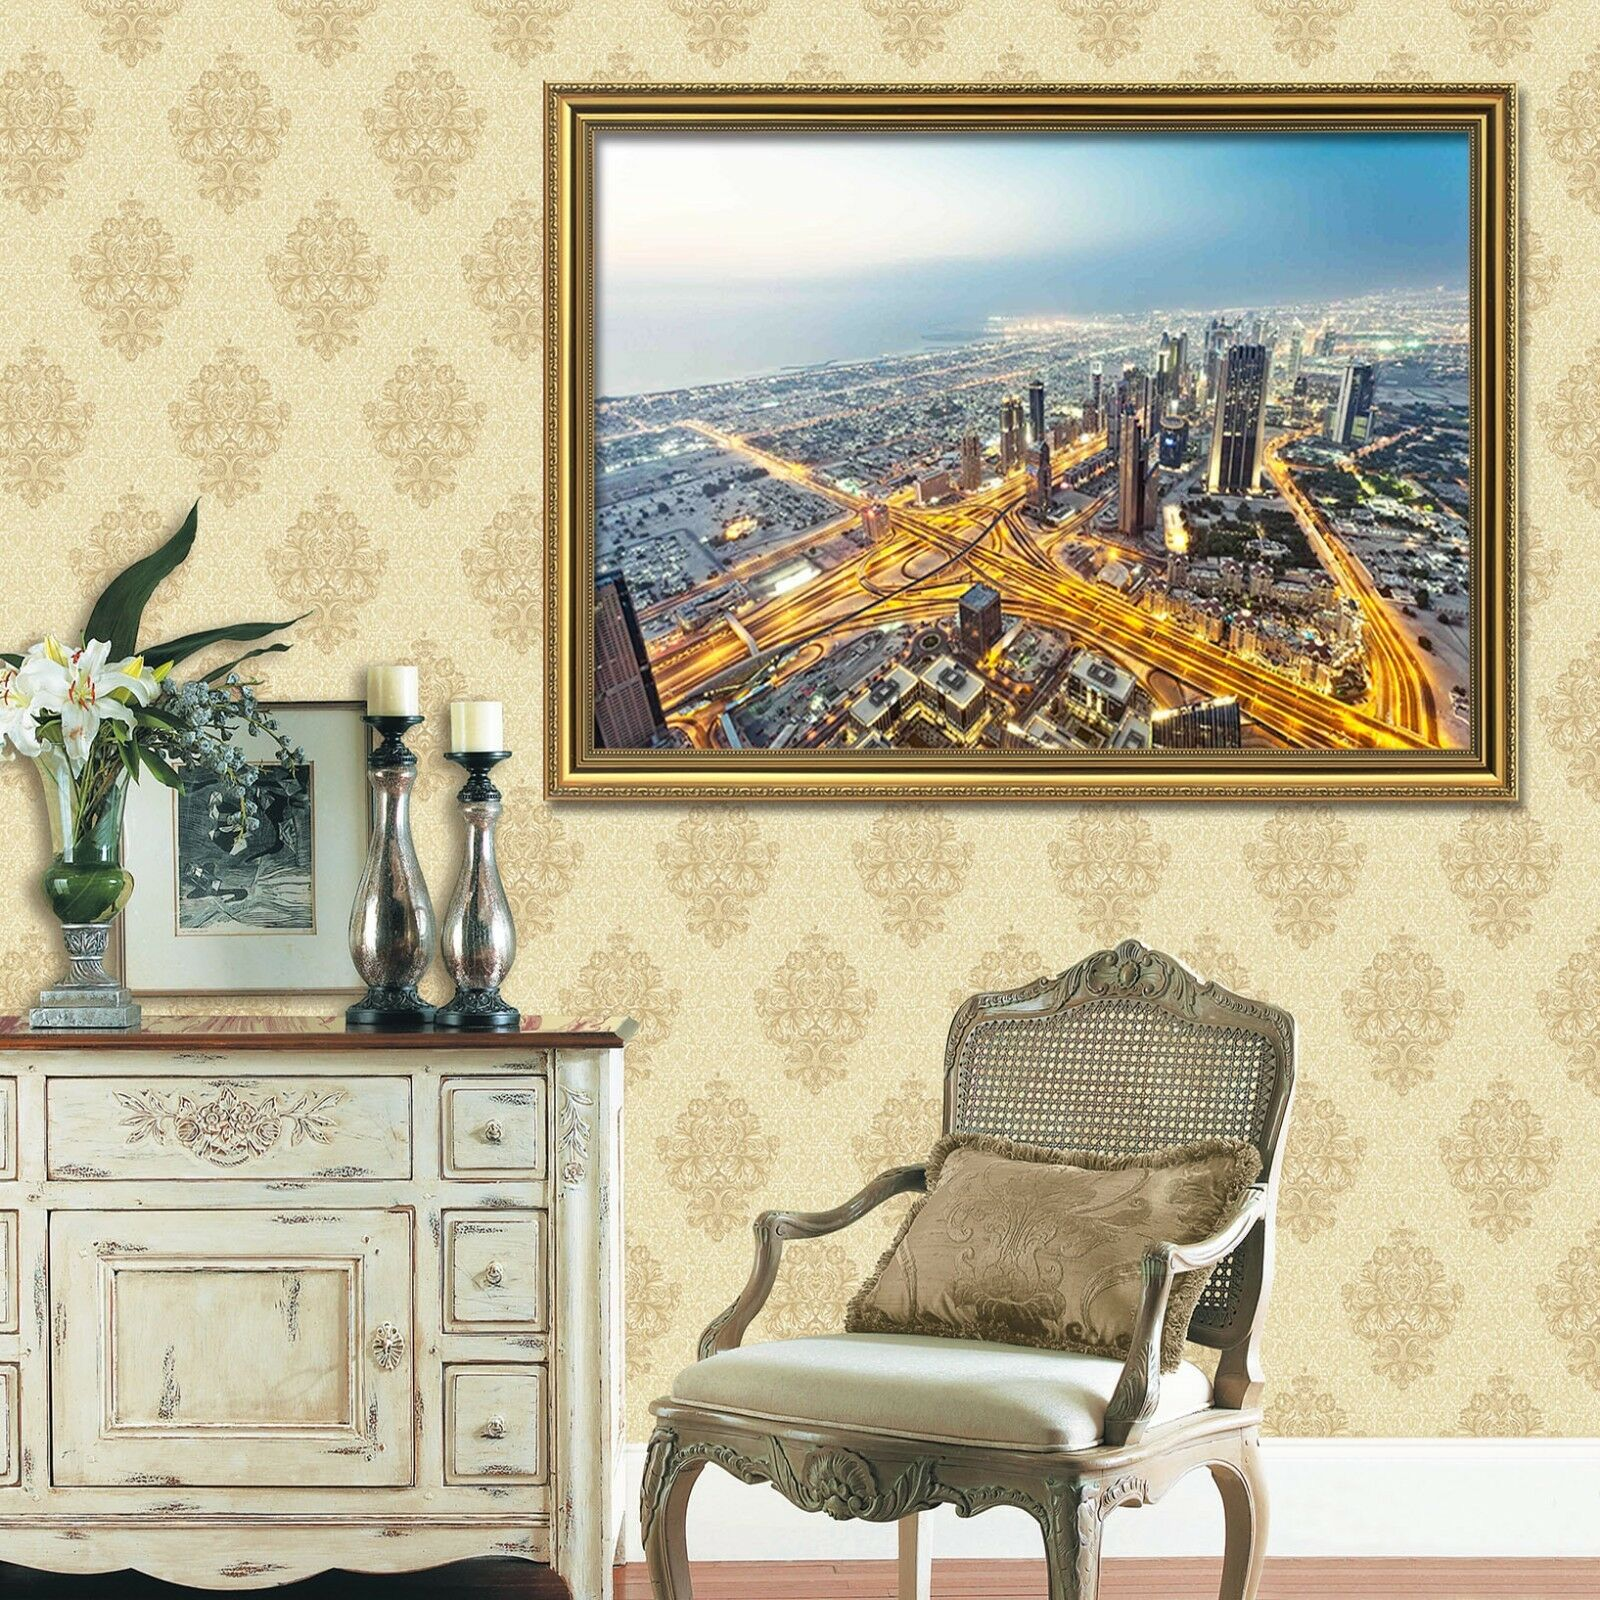 3D bella ciudad 5 Póster Enmarcado Decoración del Hogar Pintura de Impresión Arte AJ Wallpaper